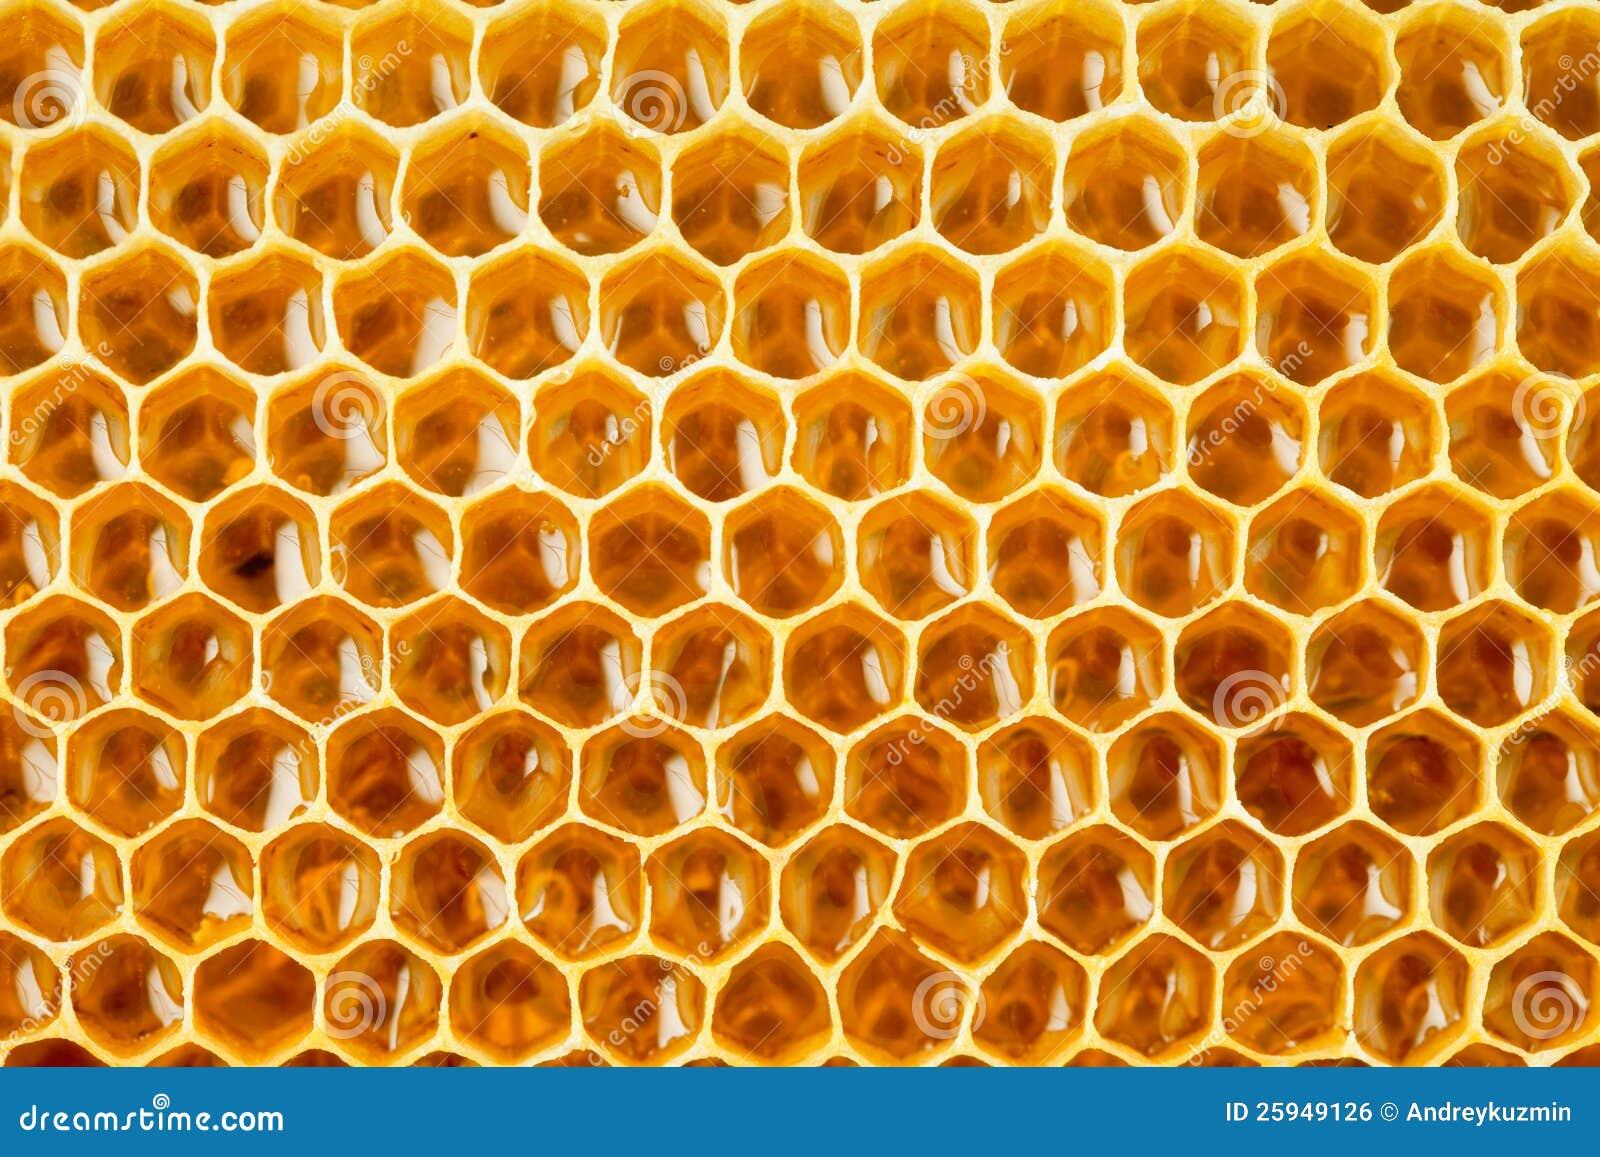 Пчелиные соты с мёдом; фотограф Андрей Кузьмин; дата съёмки 31 июля 2012 г.; фото 4187426.